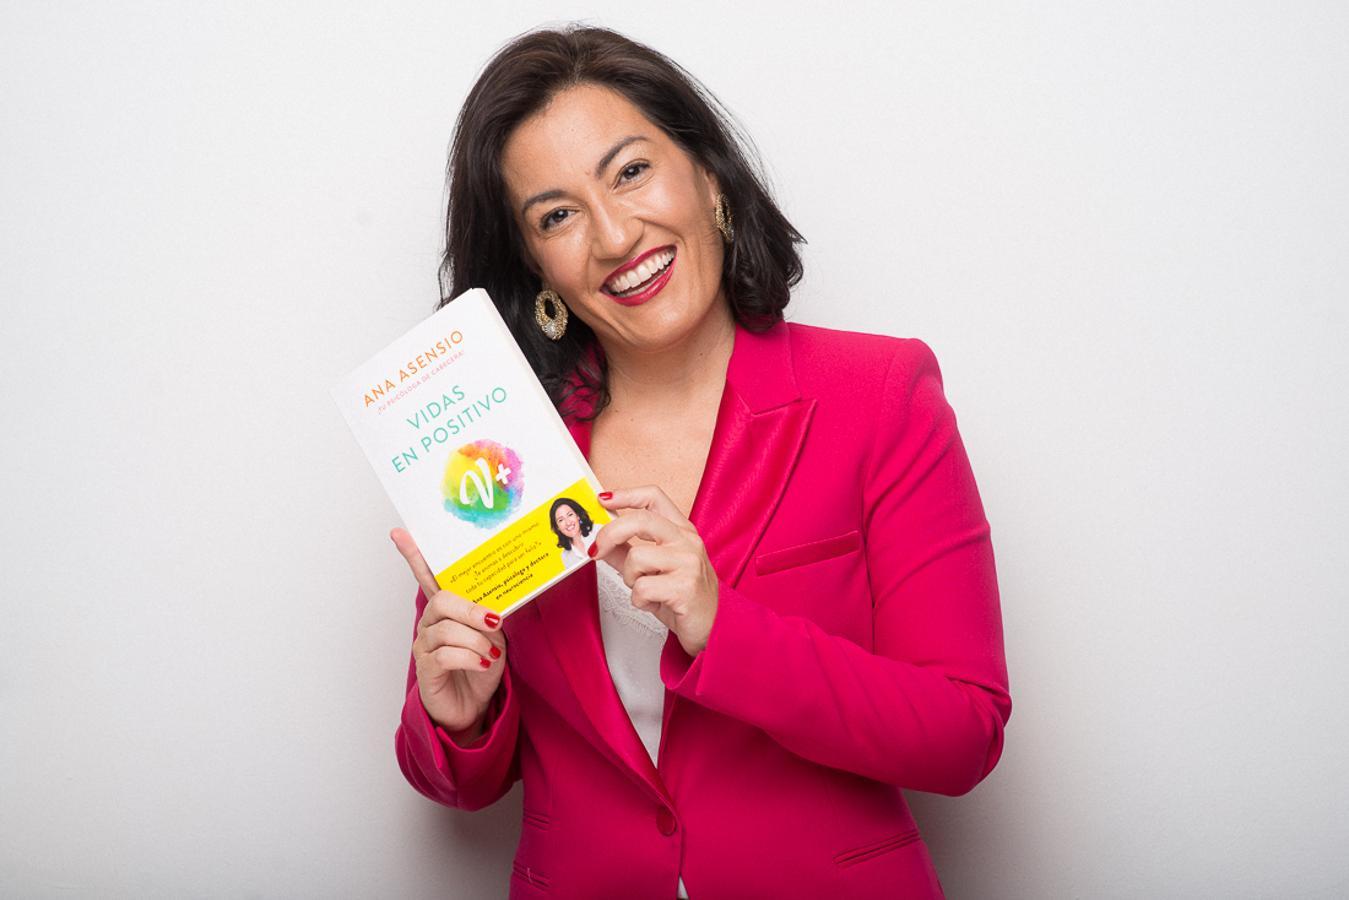 Ana Asensio, para cultivar una vida en positivo